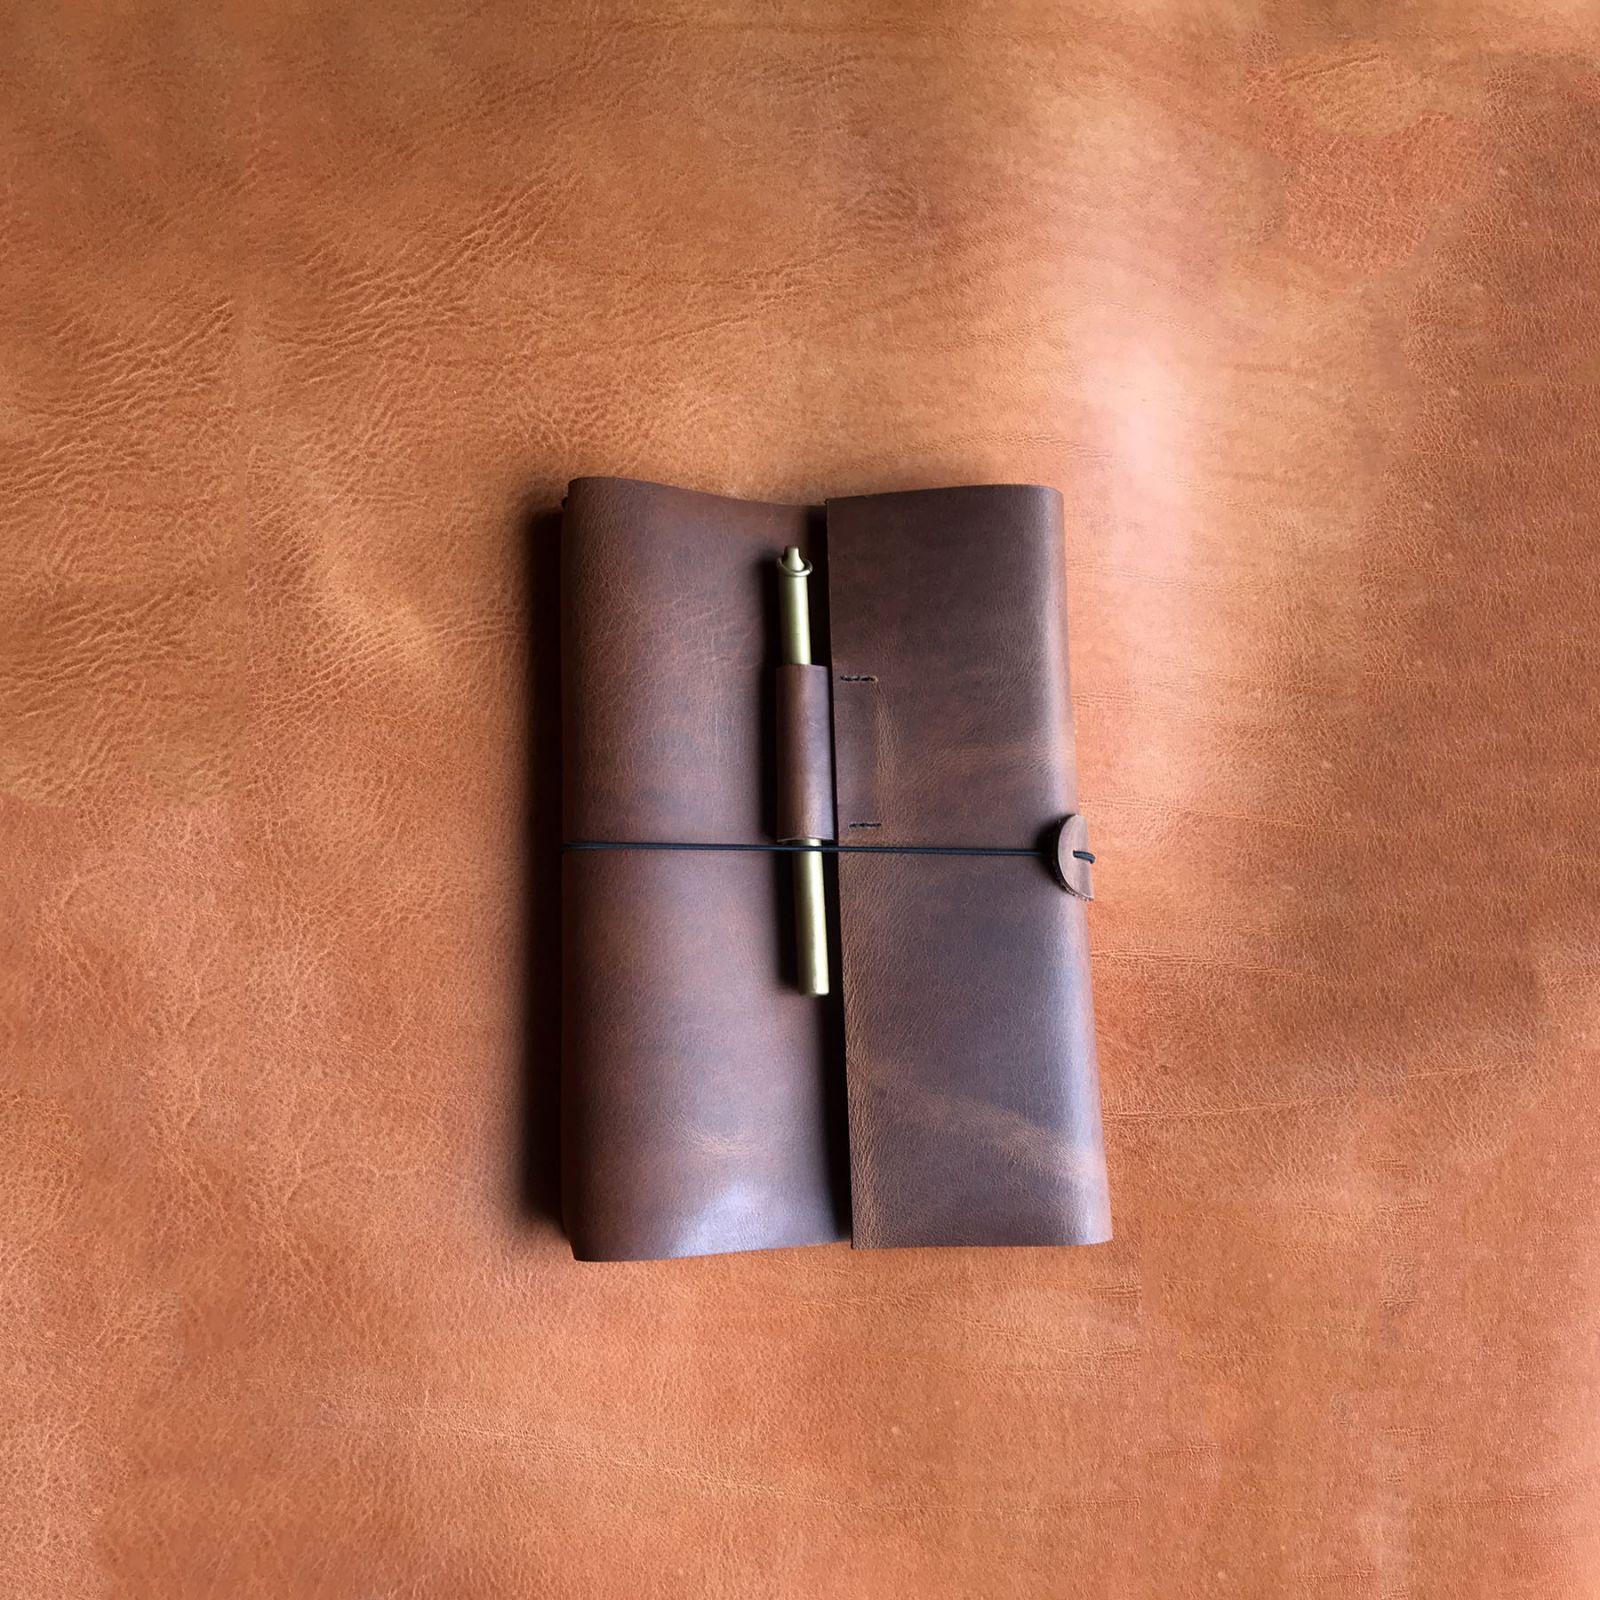 ruda vyriska odine uzrasine odinis dienorastis ranku dabo naturalio odos  vyrams  dovanos vyrui vaikinui broliui gimtadienio proga 15